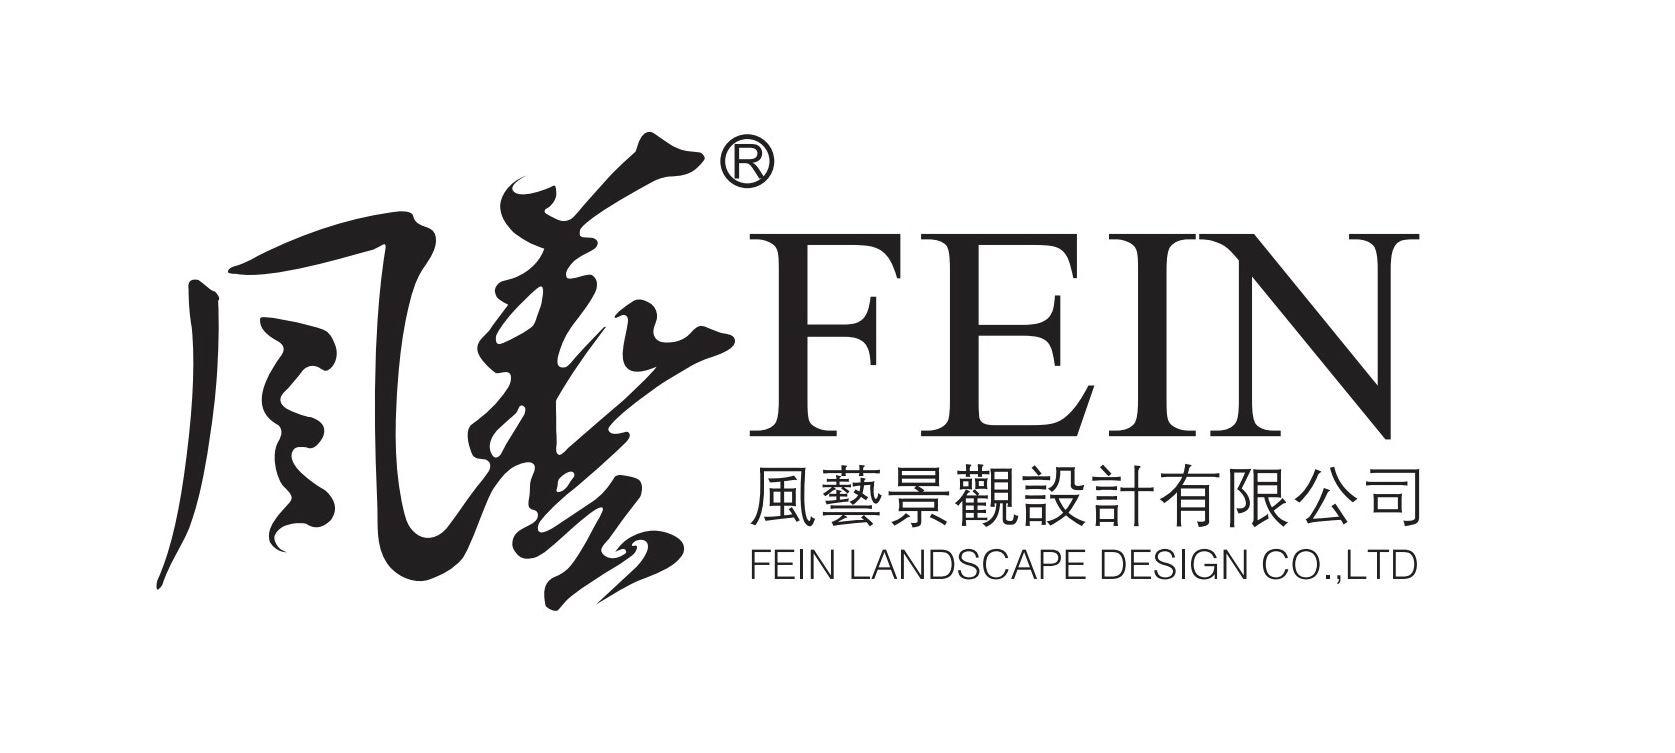 惠州市风艺园林景观设计有限公司